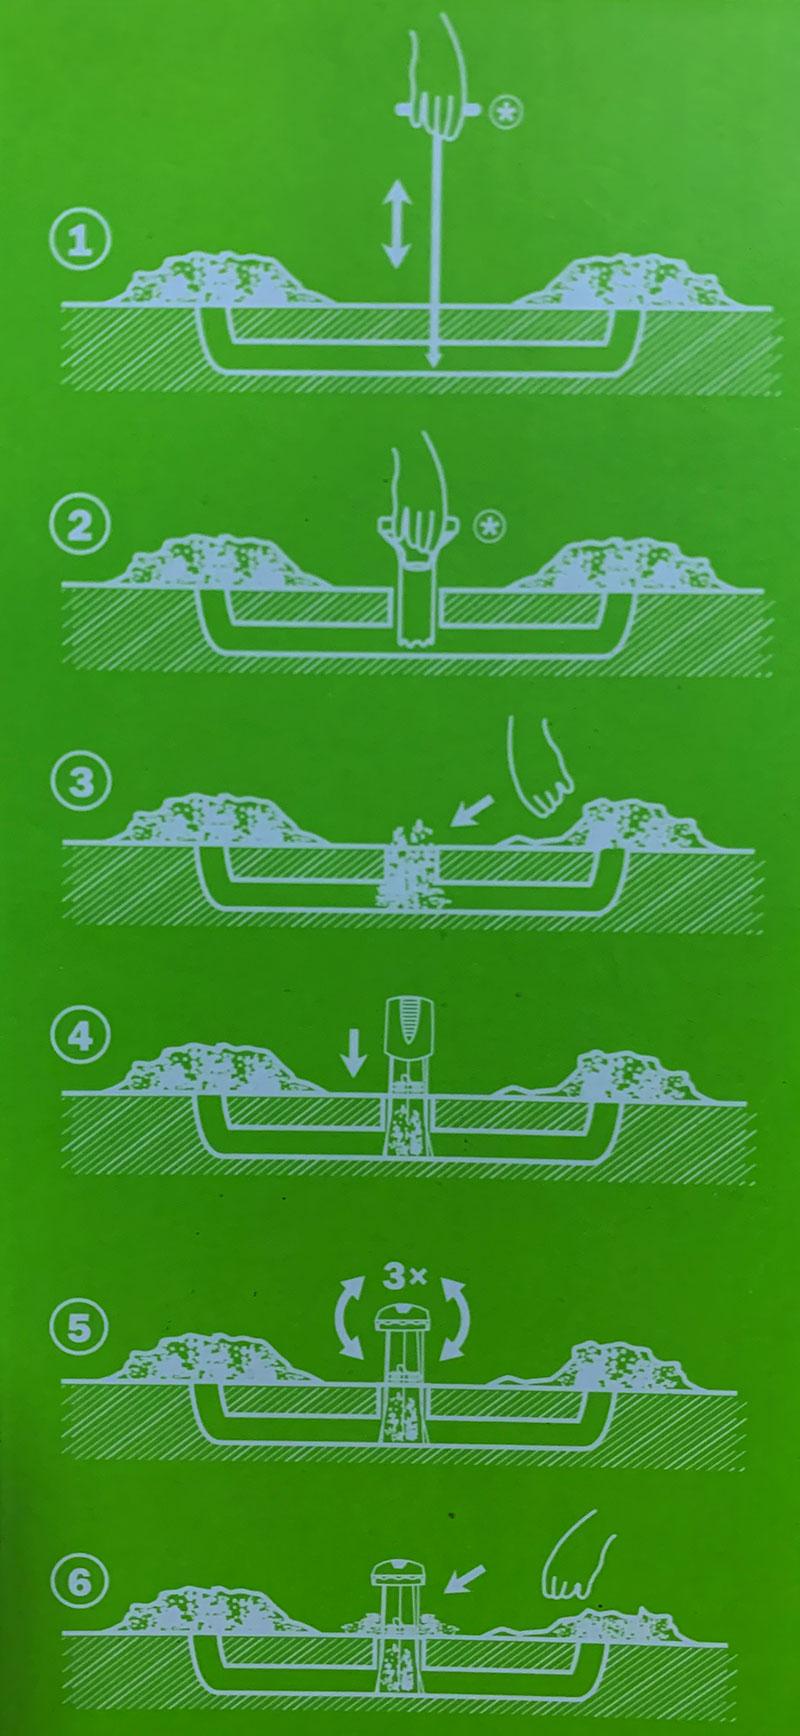 Как найти ход крота и установить кротоловку Mole Trap